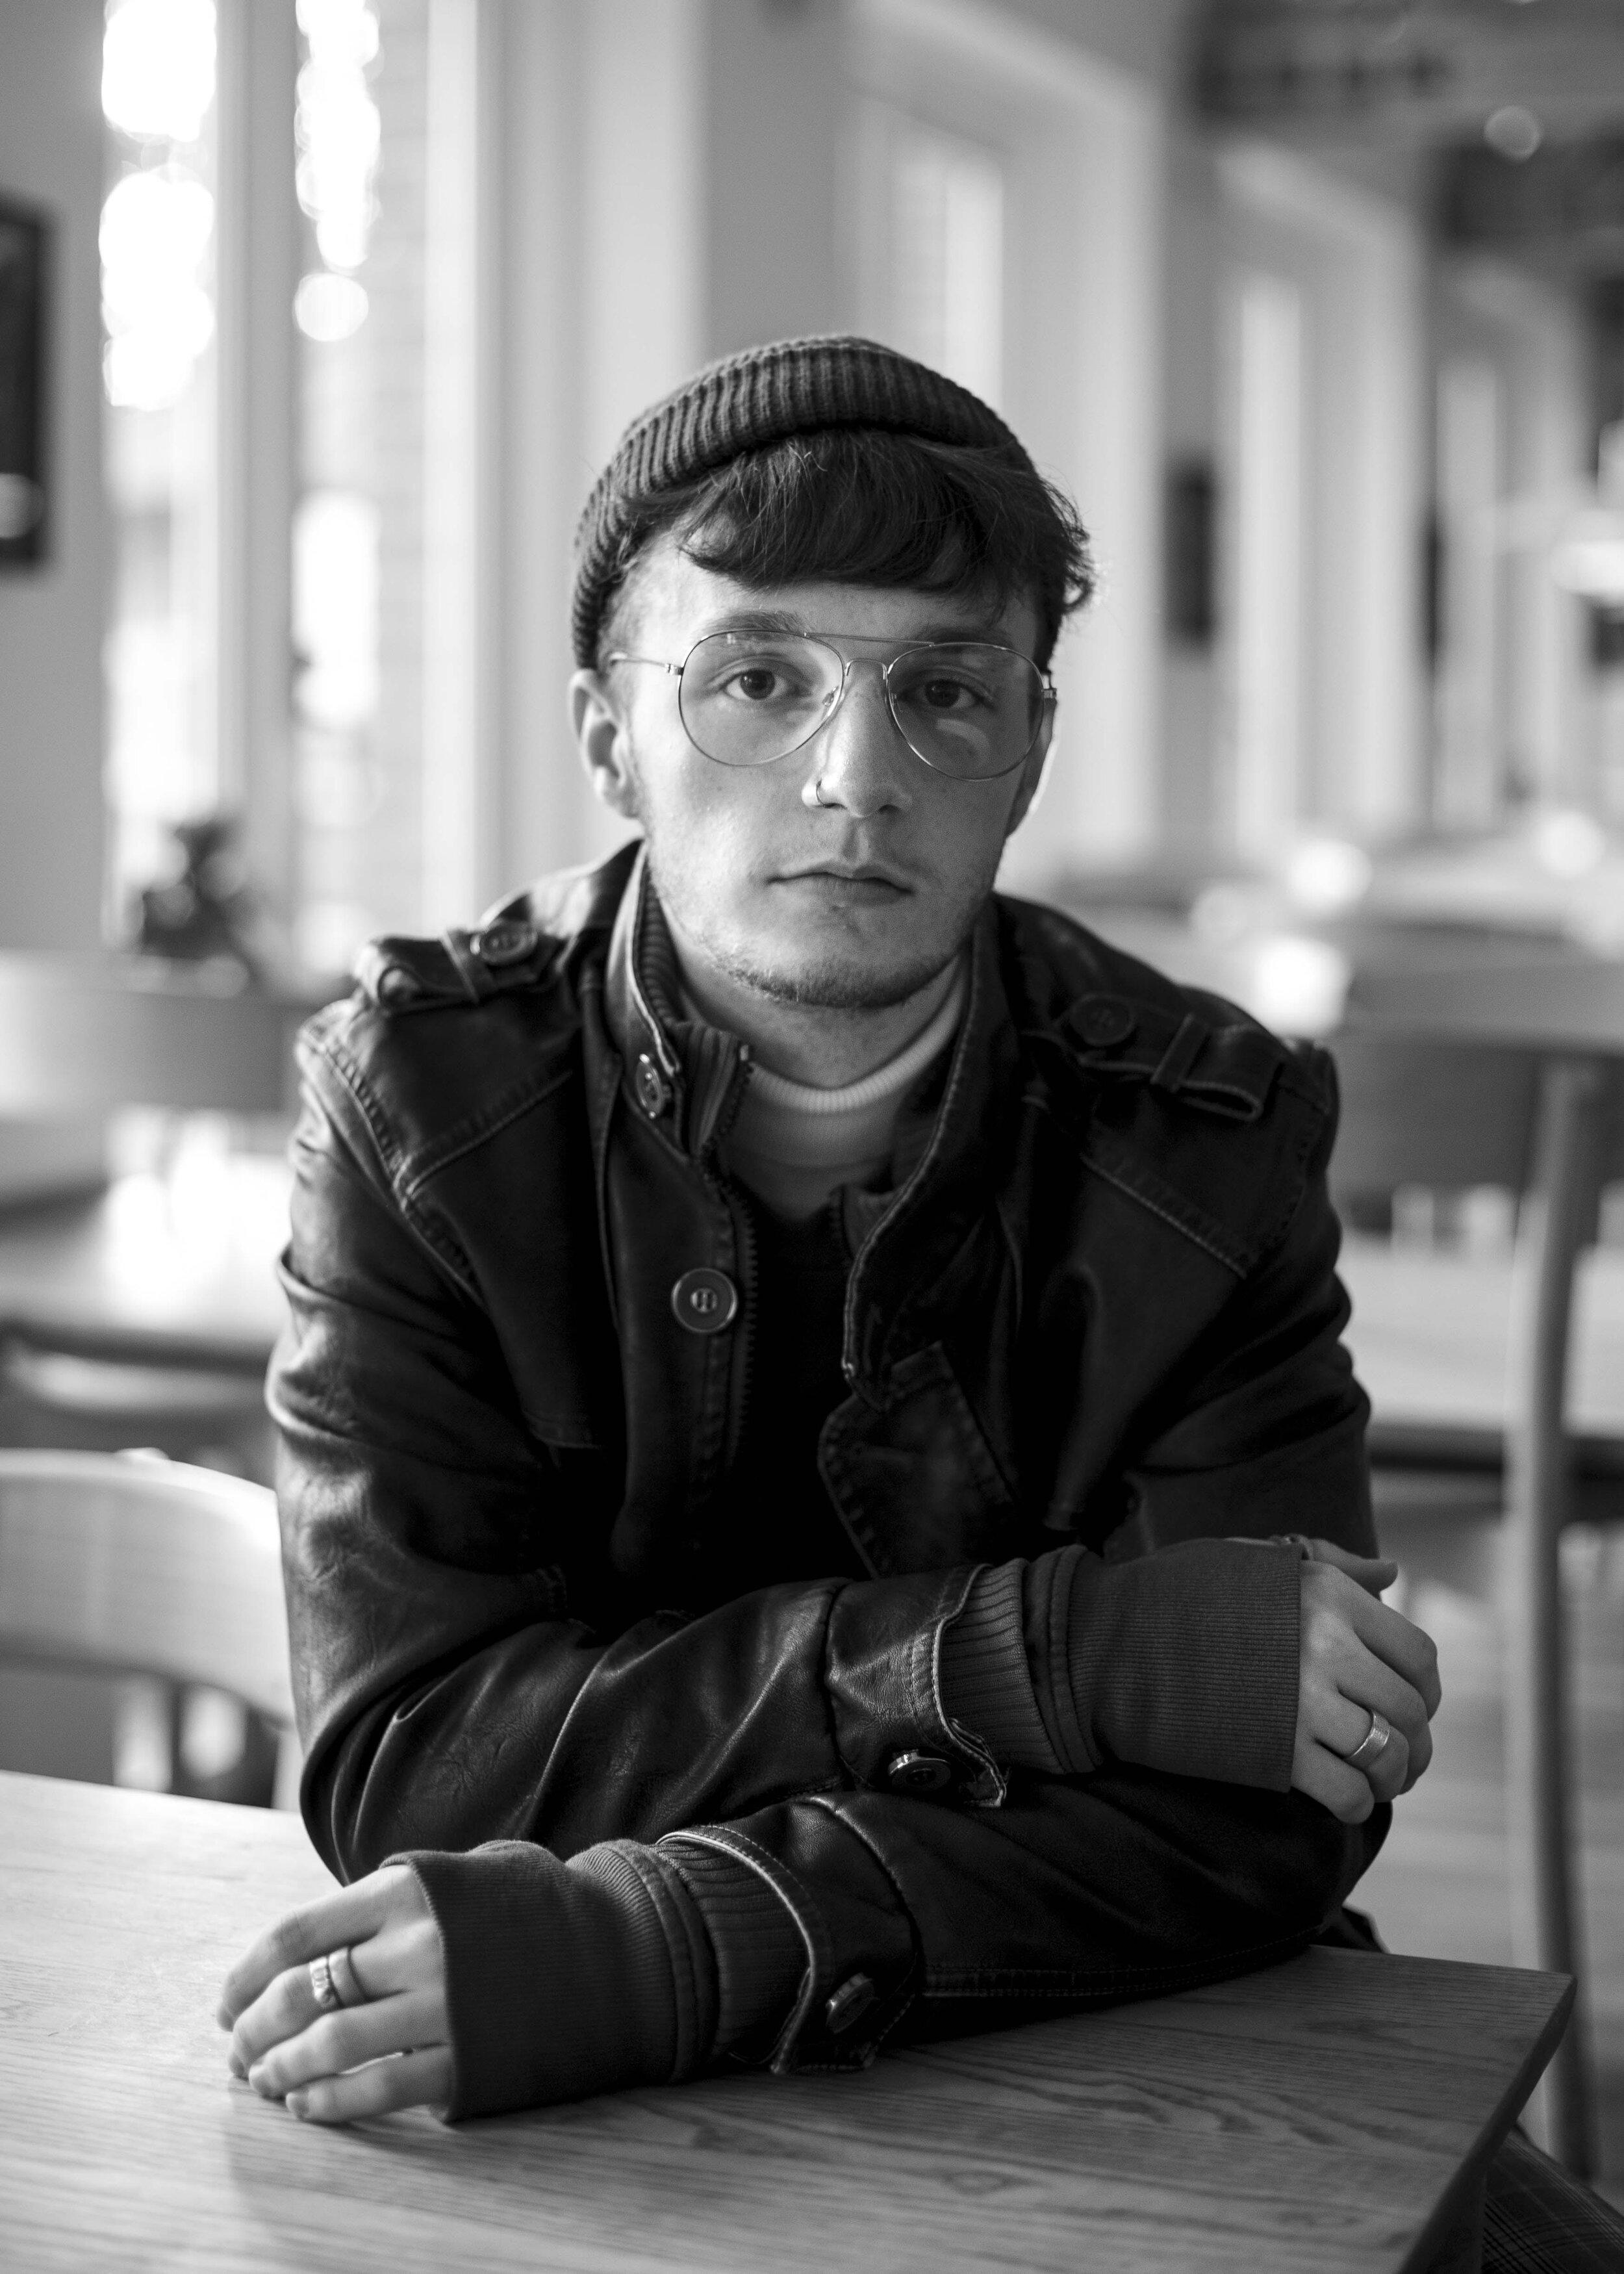 Tobias var træt af omgangskredsen i Aalborg og droppede ud af gymnasiet. I stedet startede han på en ungdomshøjskole for ligesindede. Foto: Mathias Eis Schultz